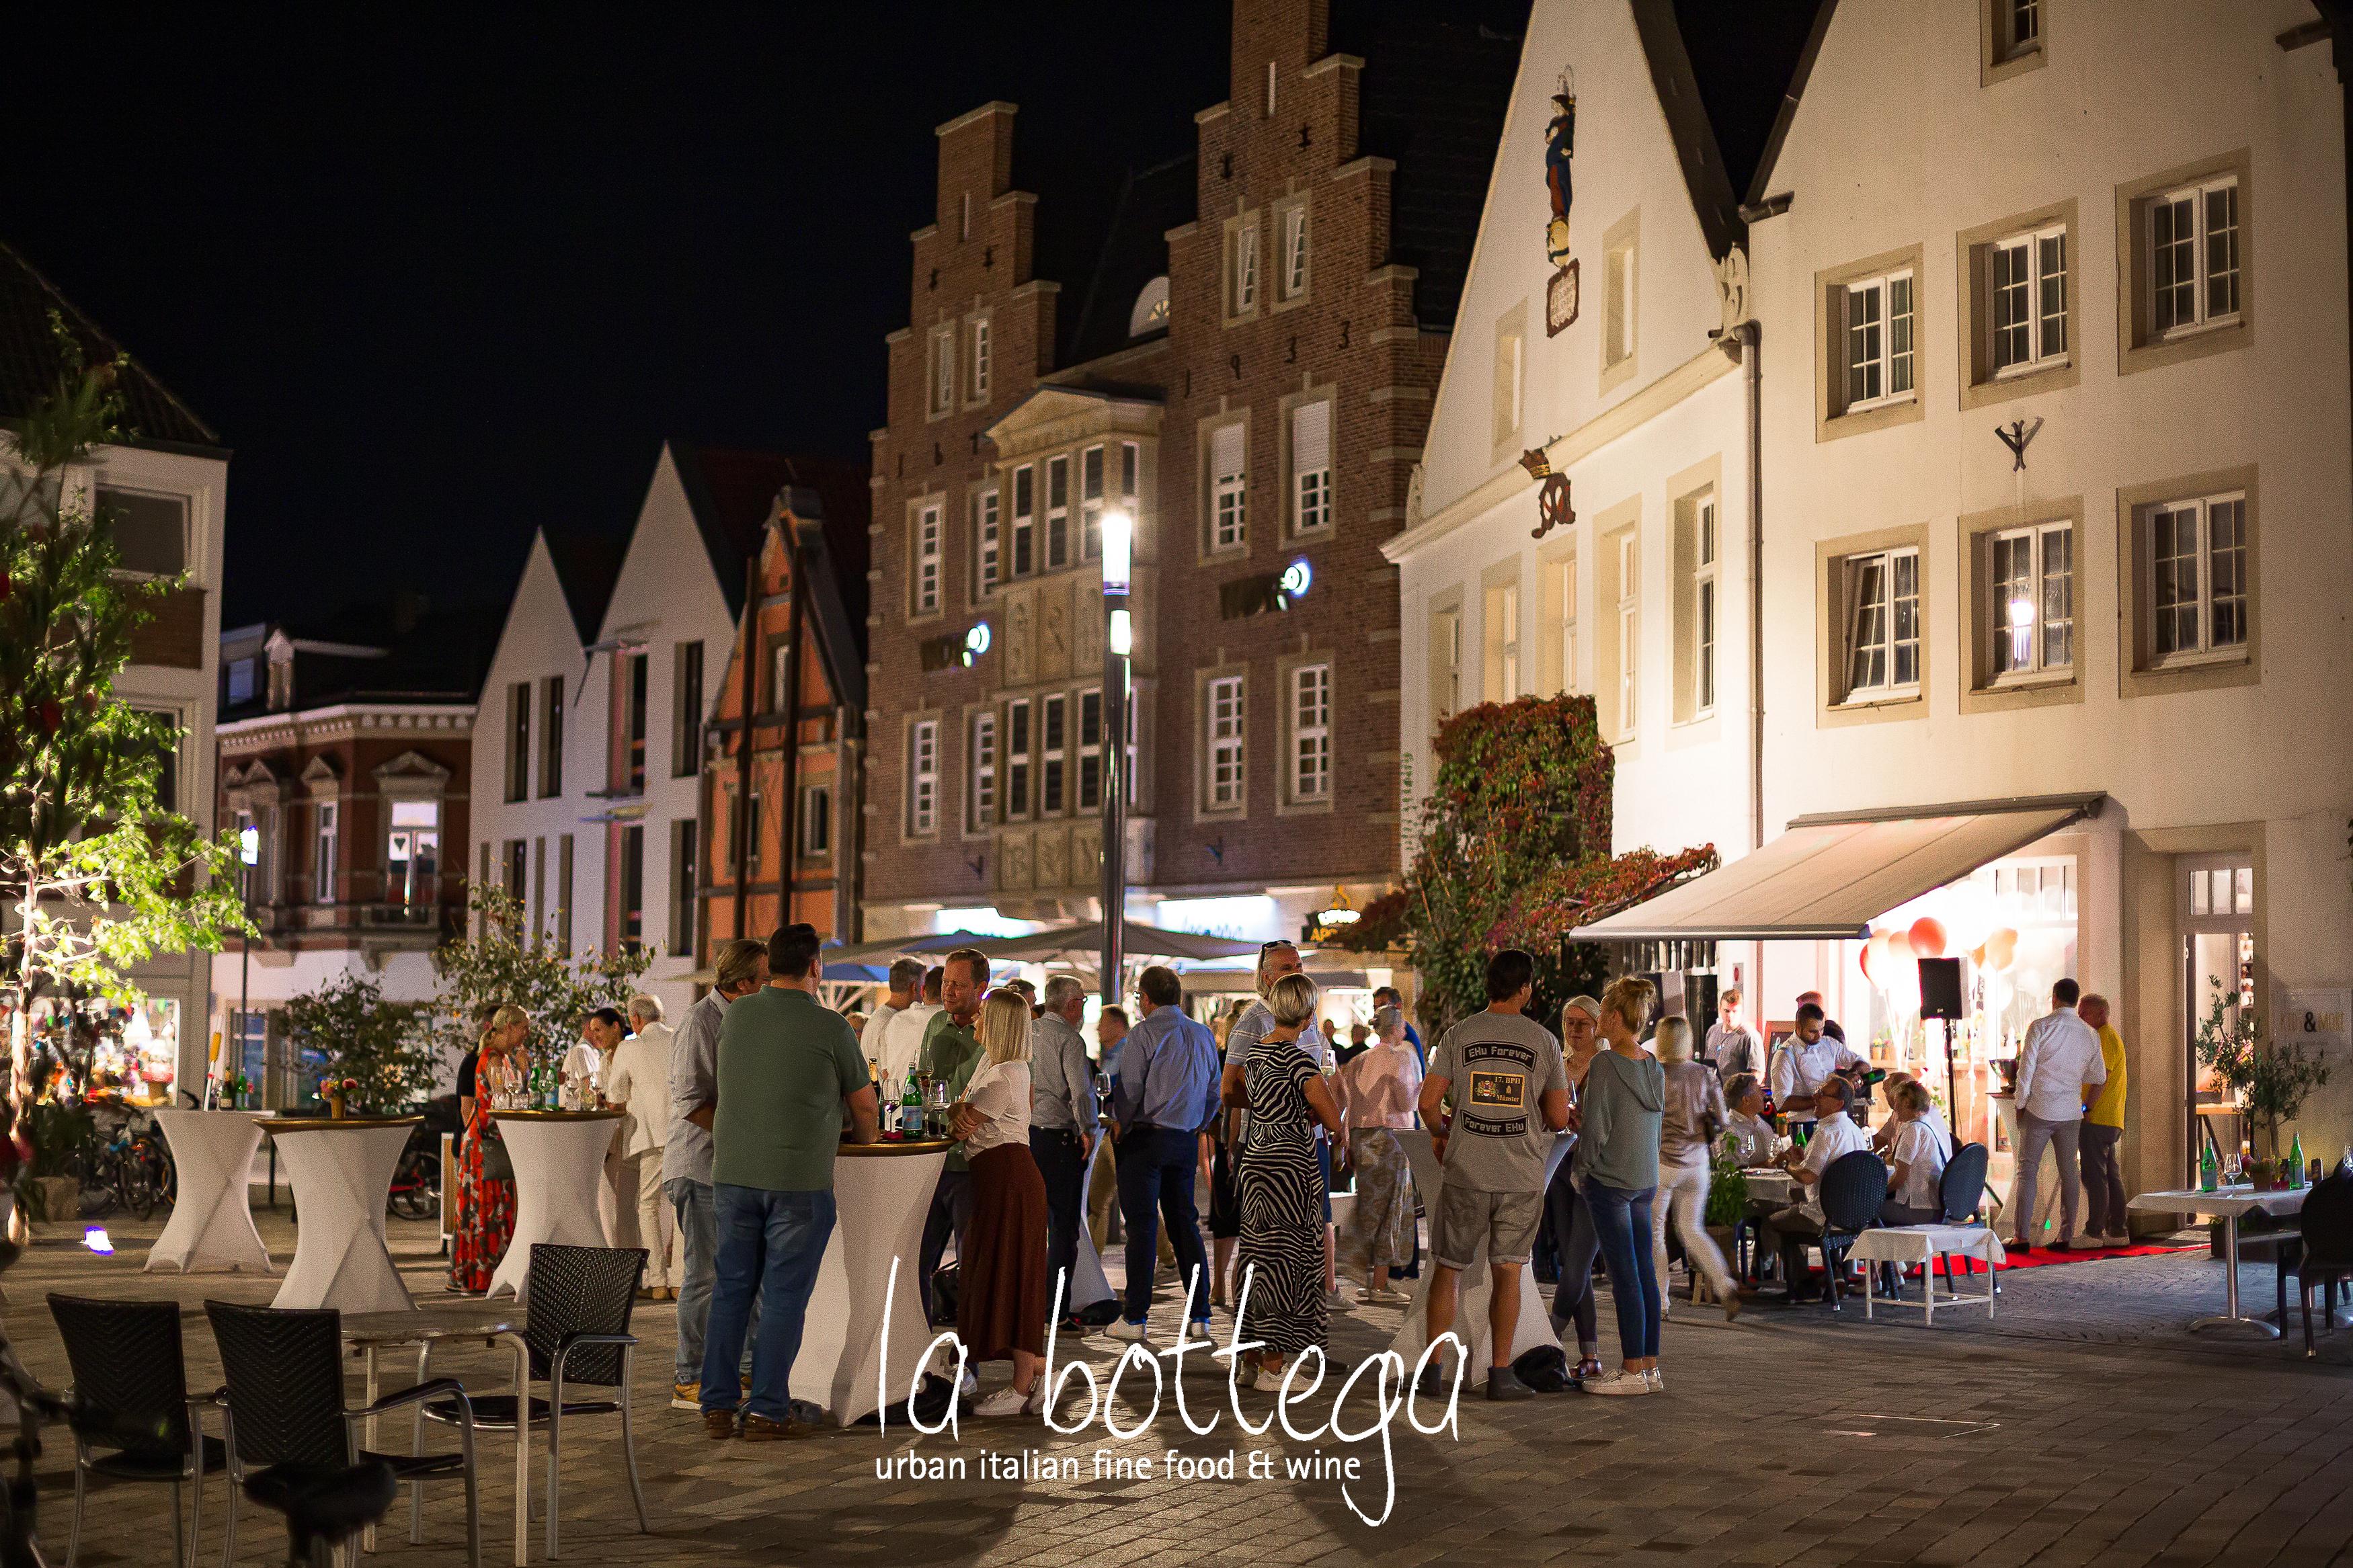 Sommerfest am Marktplatz Rheine by La Bottega